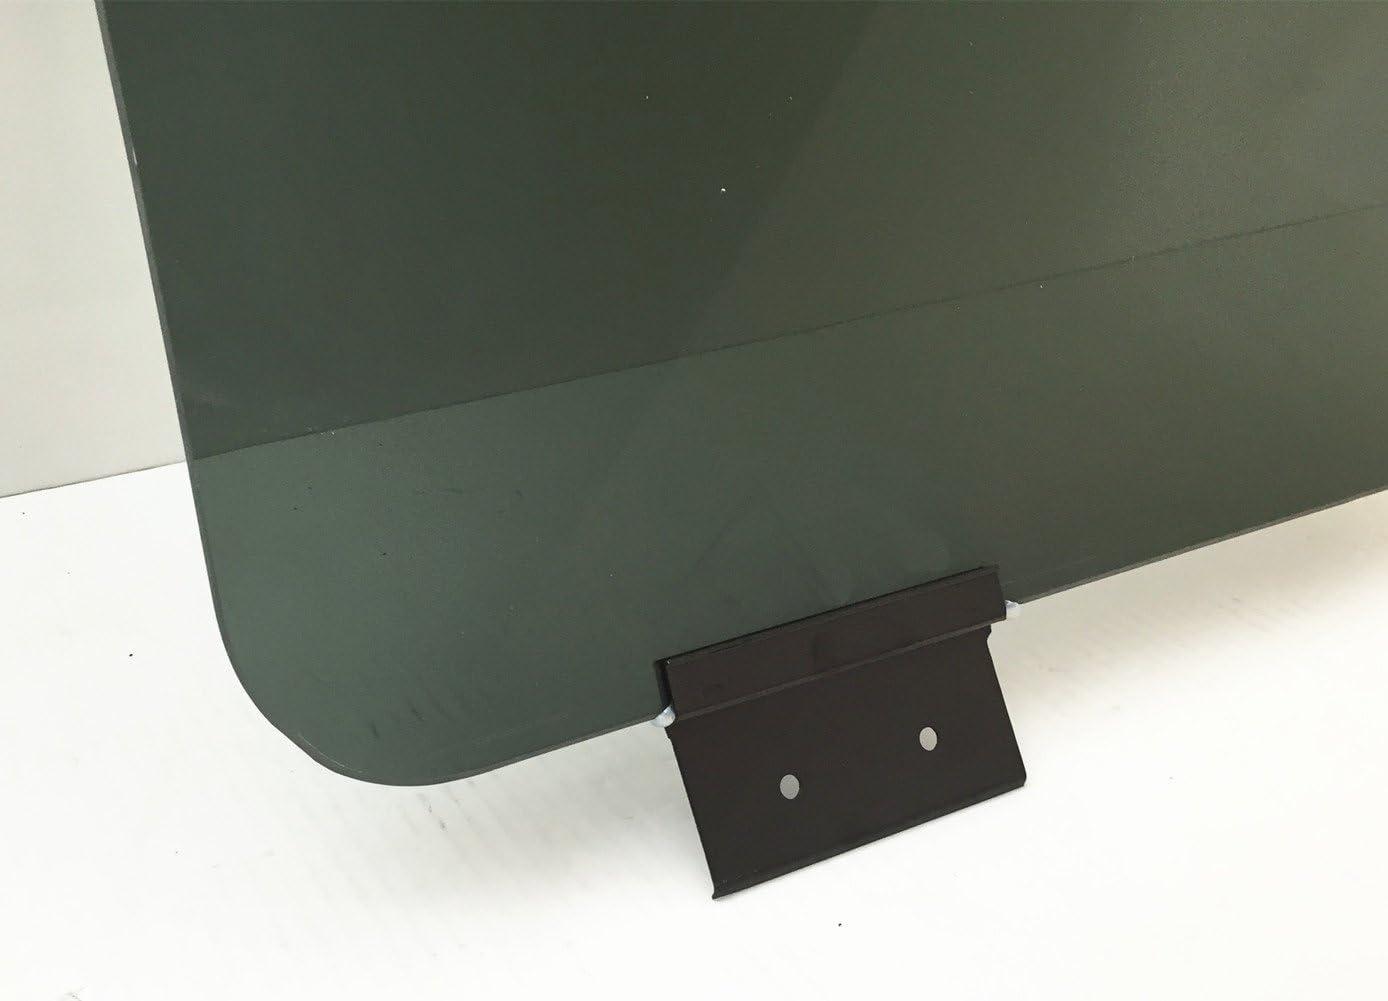 NAGD Driver Left Side Rear Door Window Door Glass Compatible with Ford Explorer 2002-2010 4 Door Models//Explorer Sport Trac 2007-2010 4 Door Models